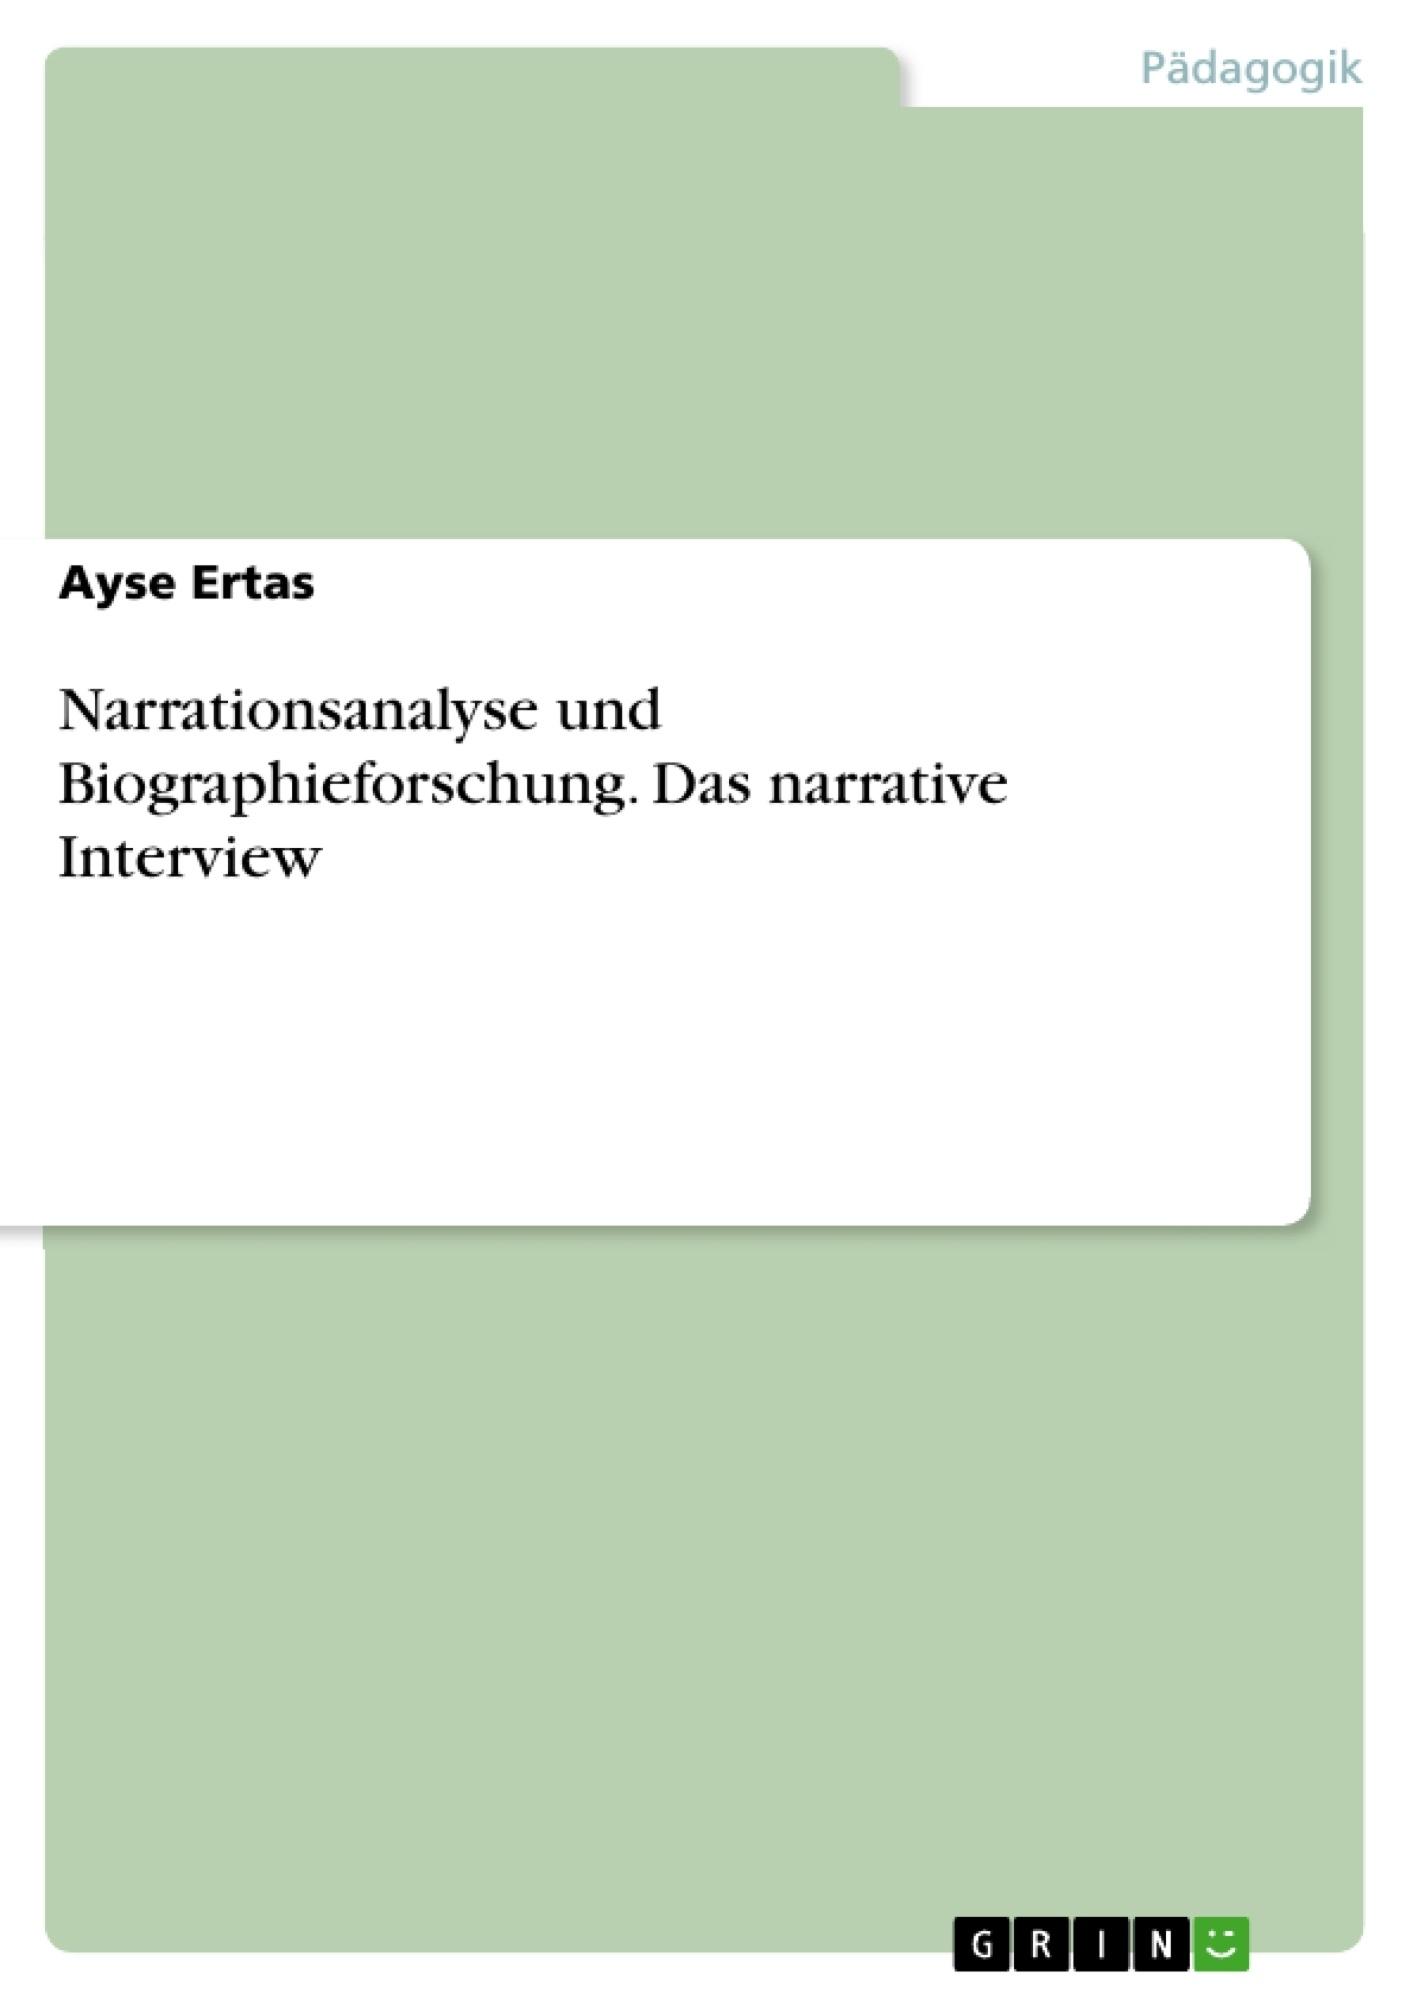 Titel: Narrationsanalyse und Biographieforschung. Das narrative Interview